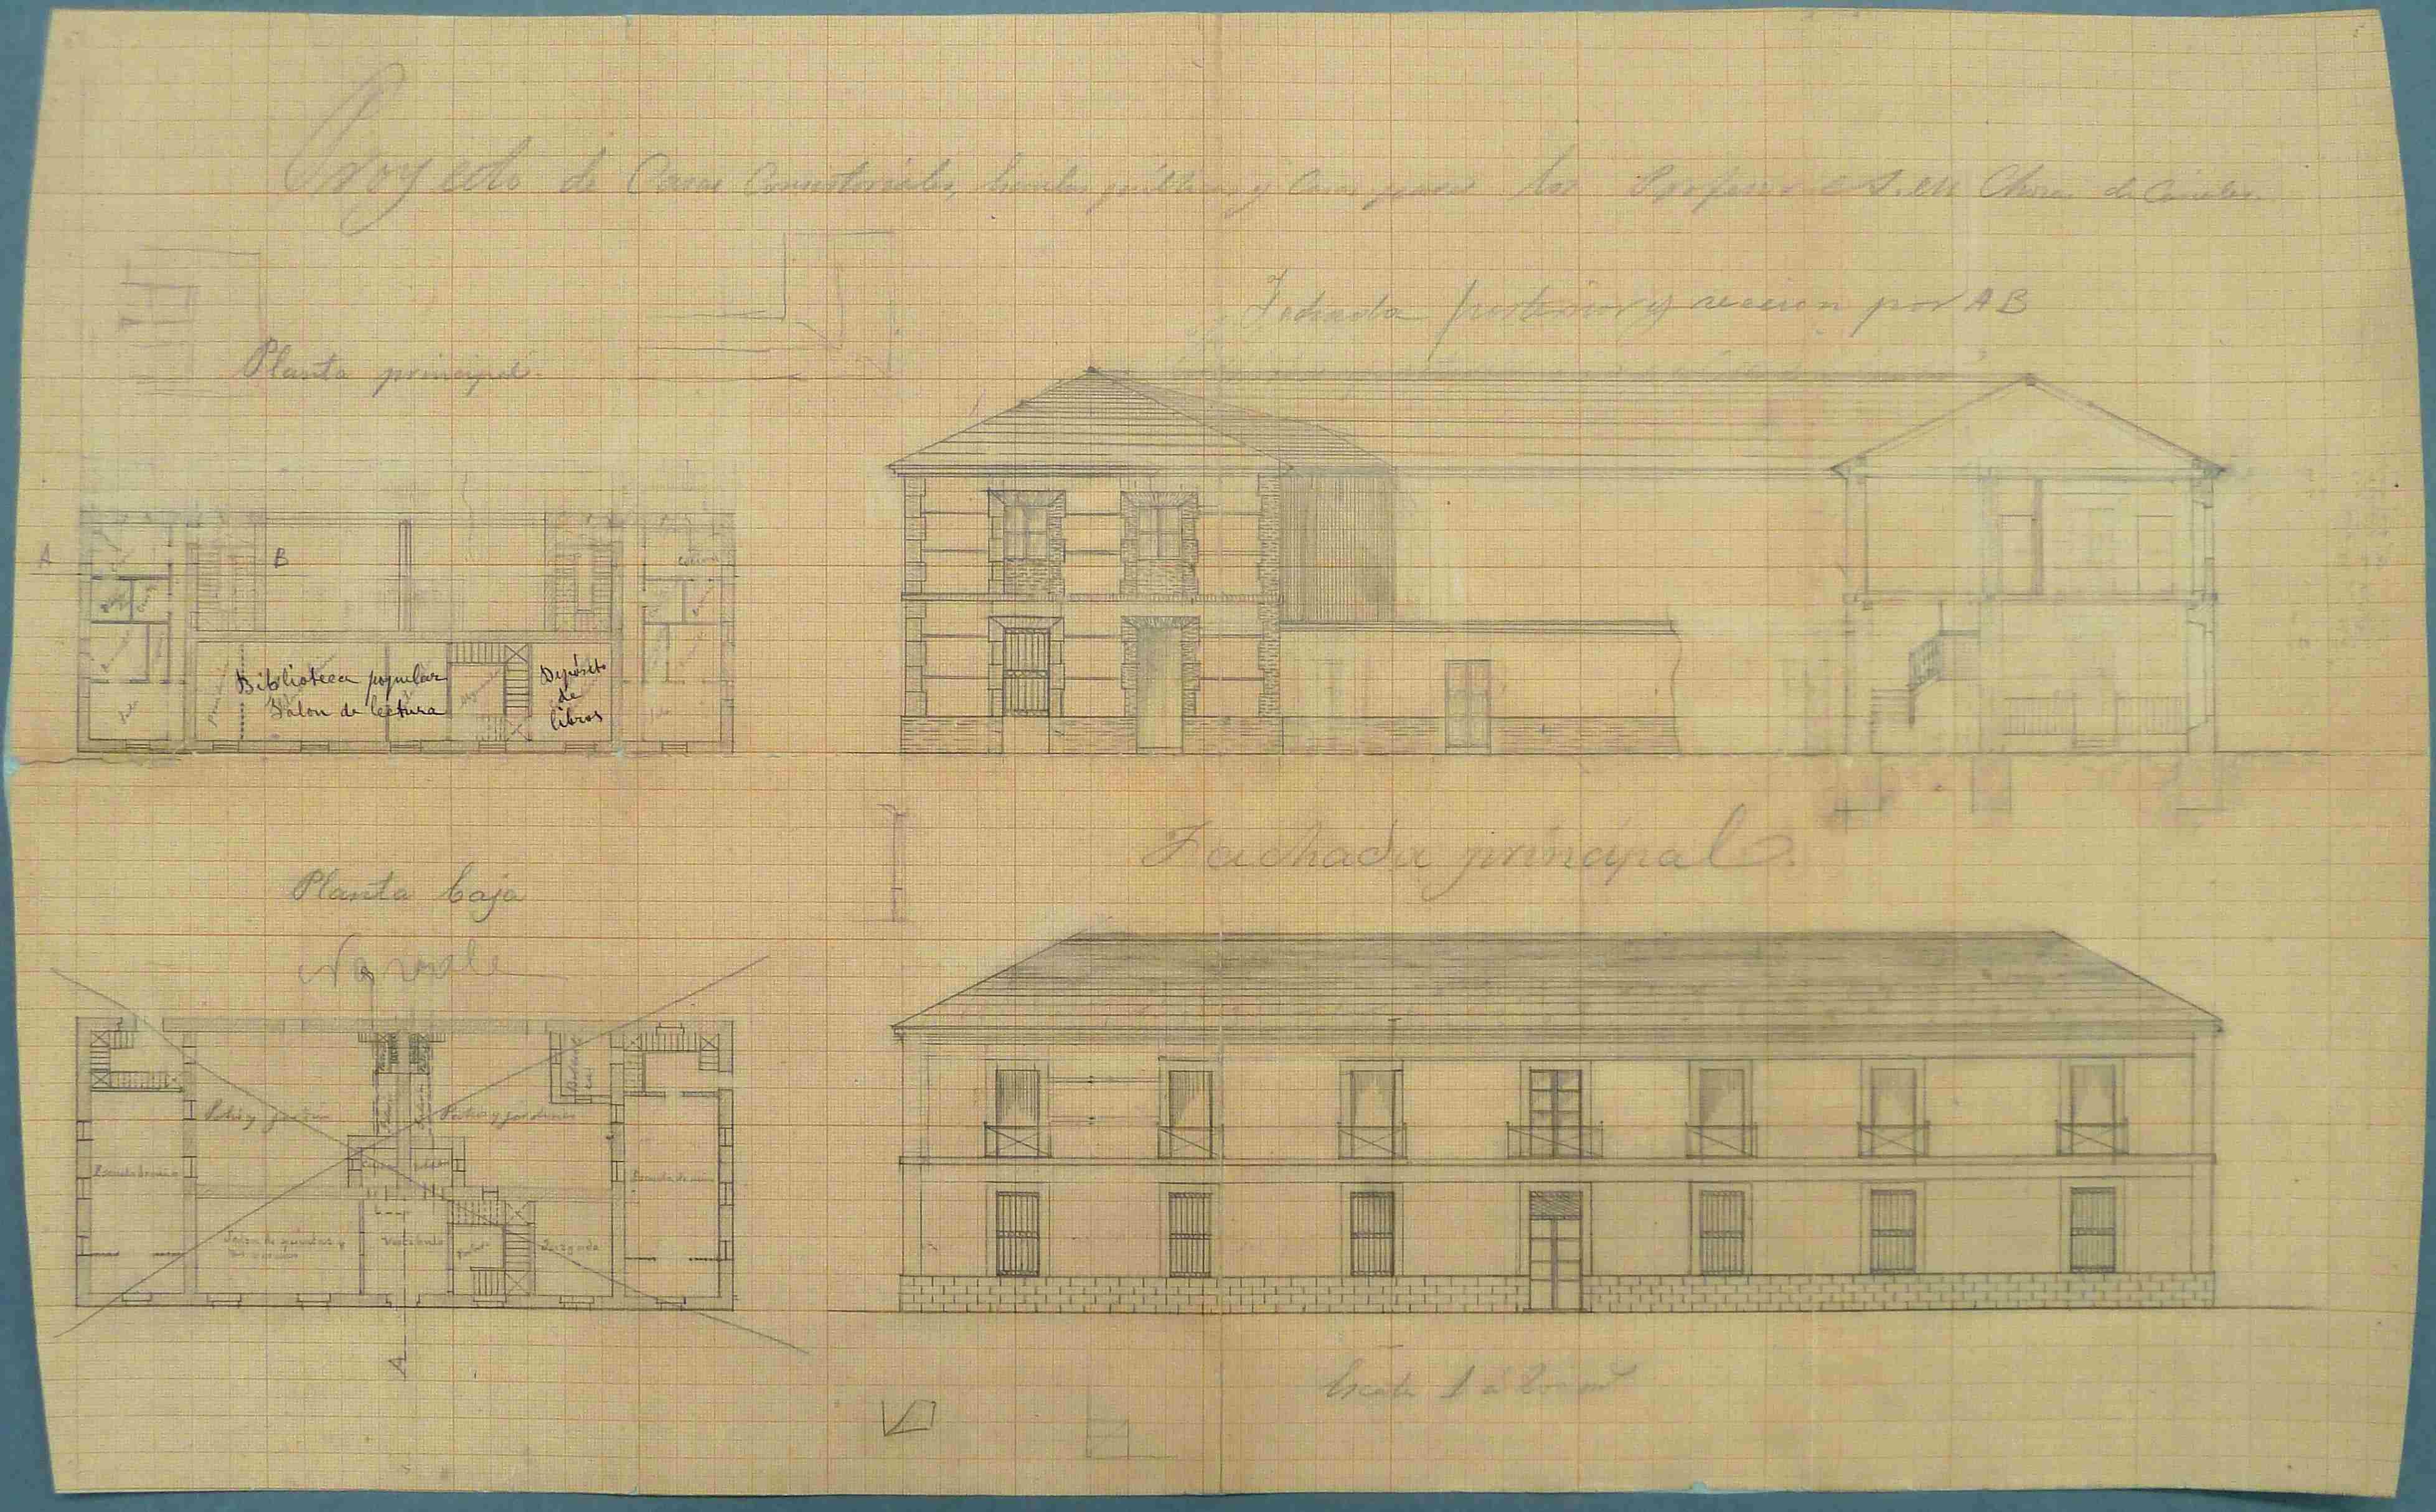 Chozas de Canales. Plano edificio polivalente, 1901